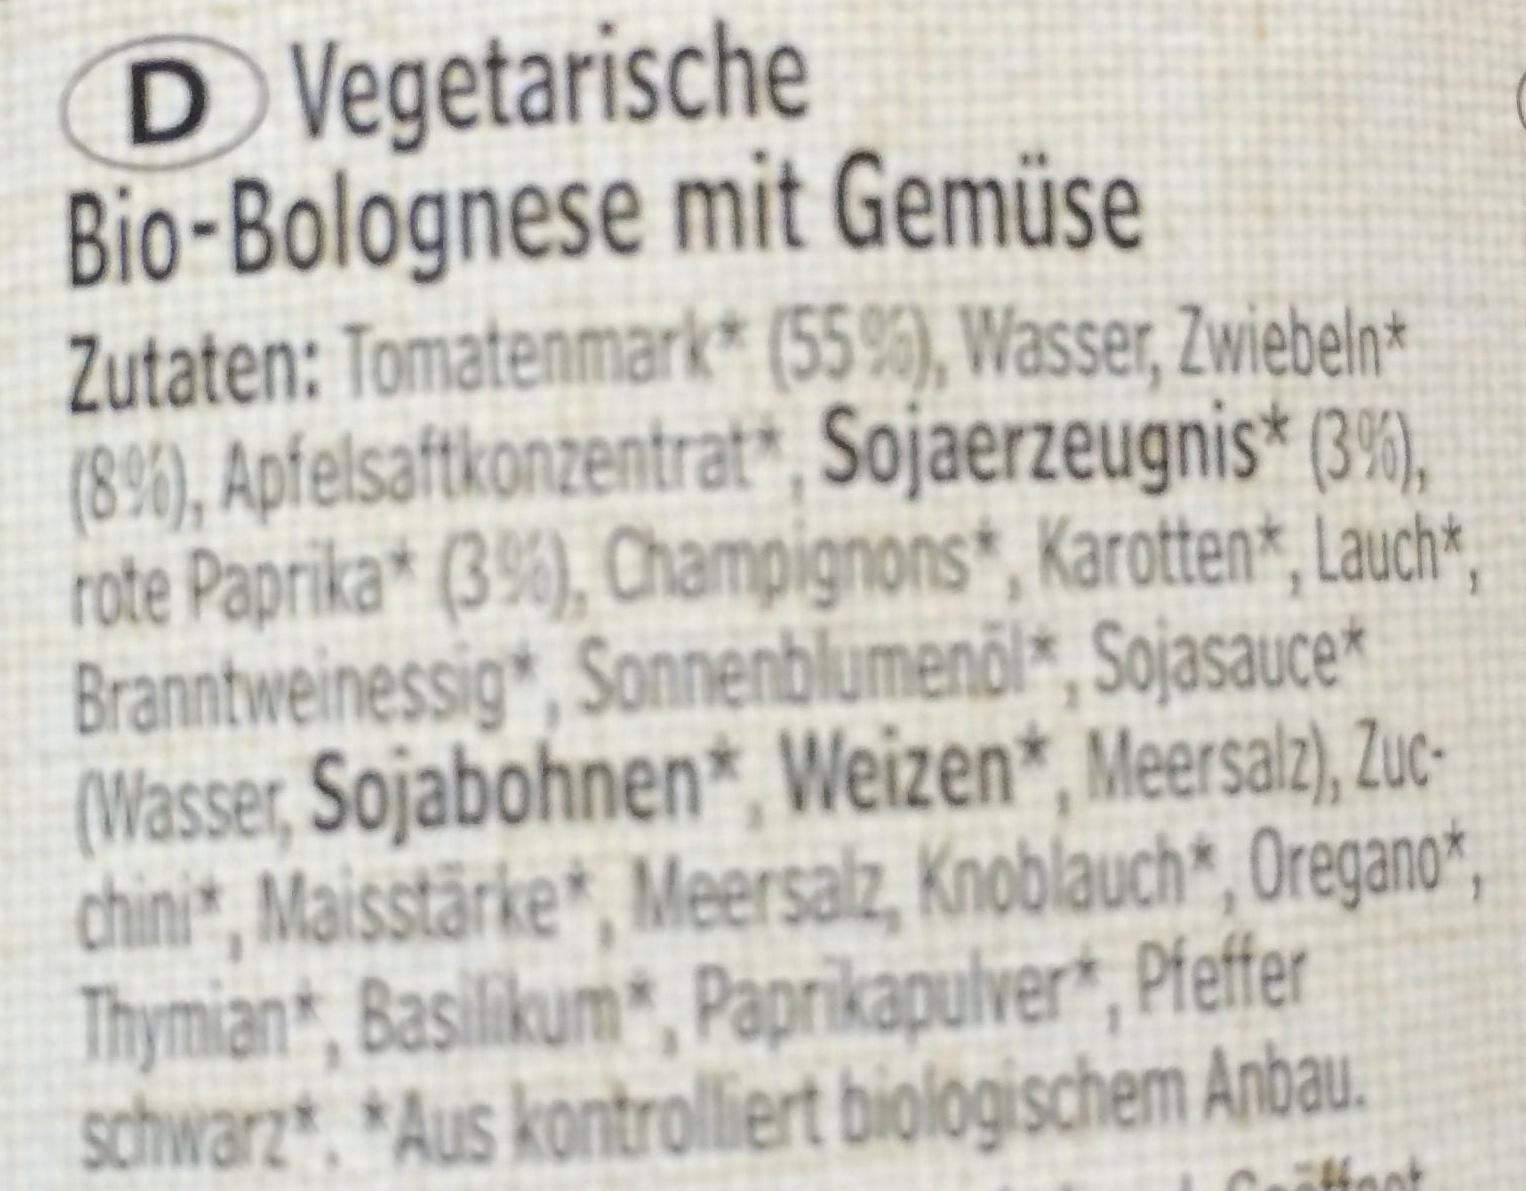 Gemüse Bolognese - Ingrédients - de